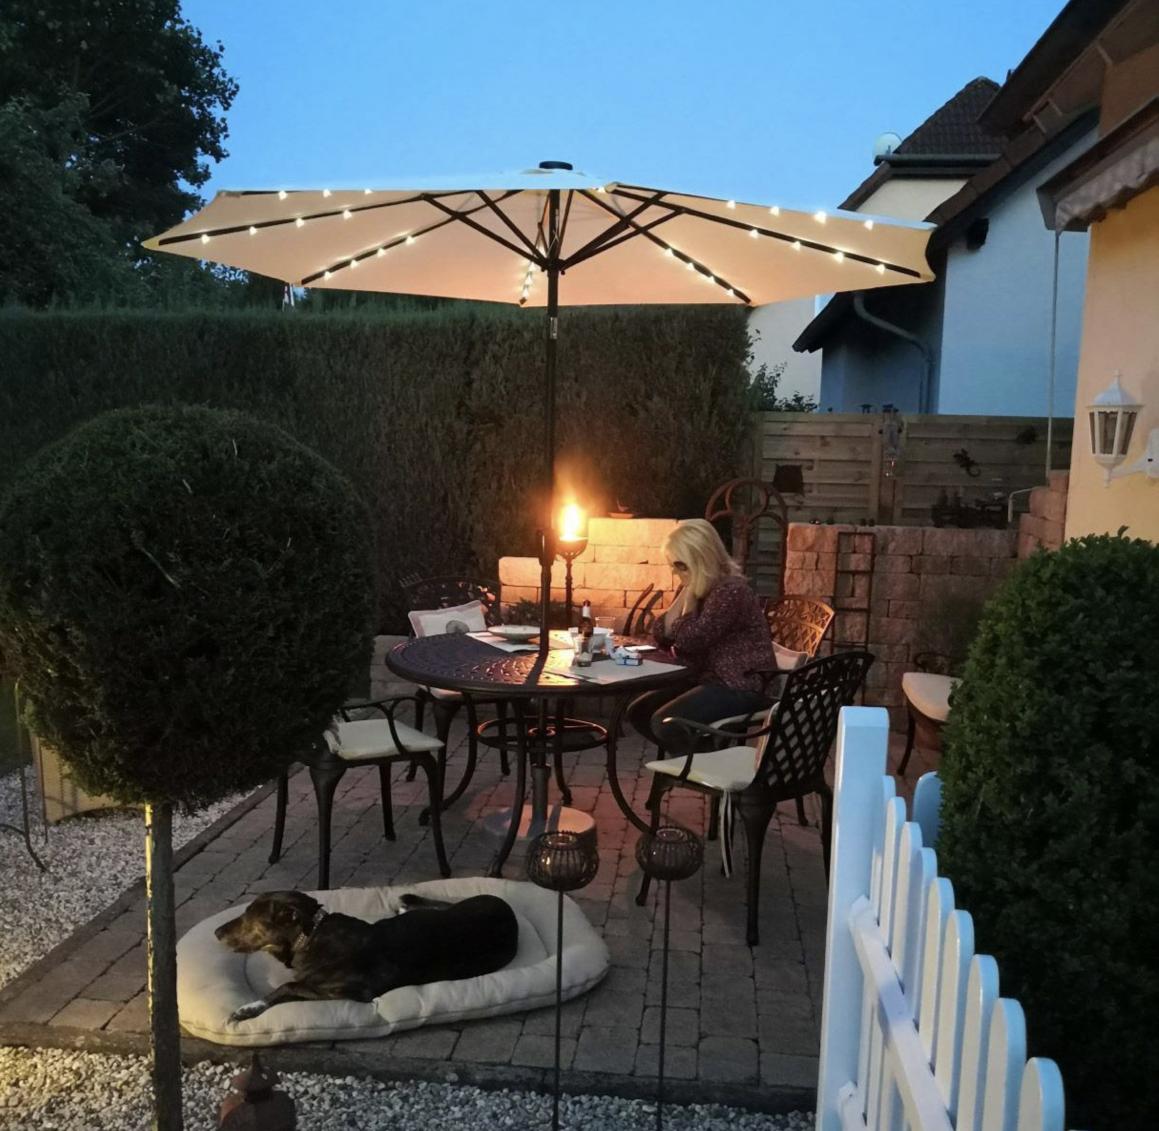 Our Alice Garden Table & Garden Parasol with Garden Fairy Lights